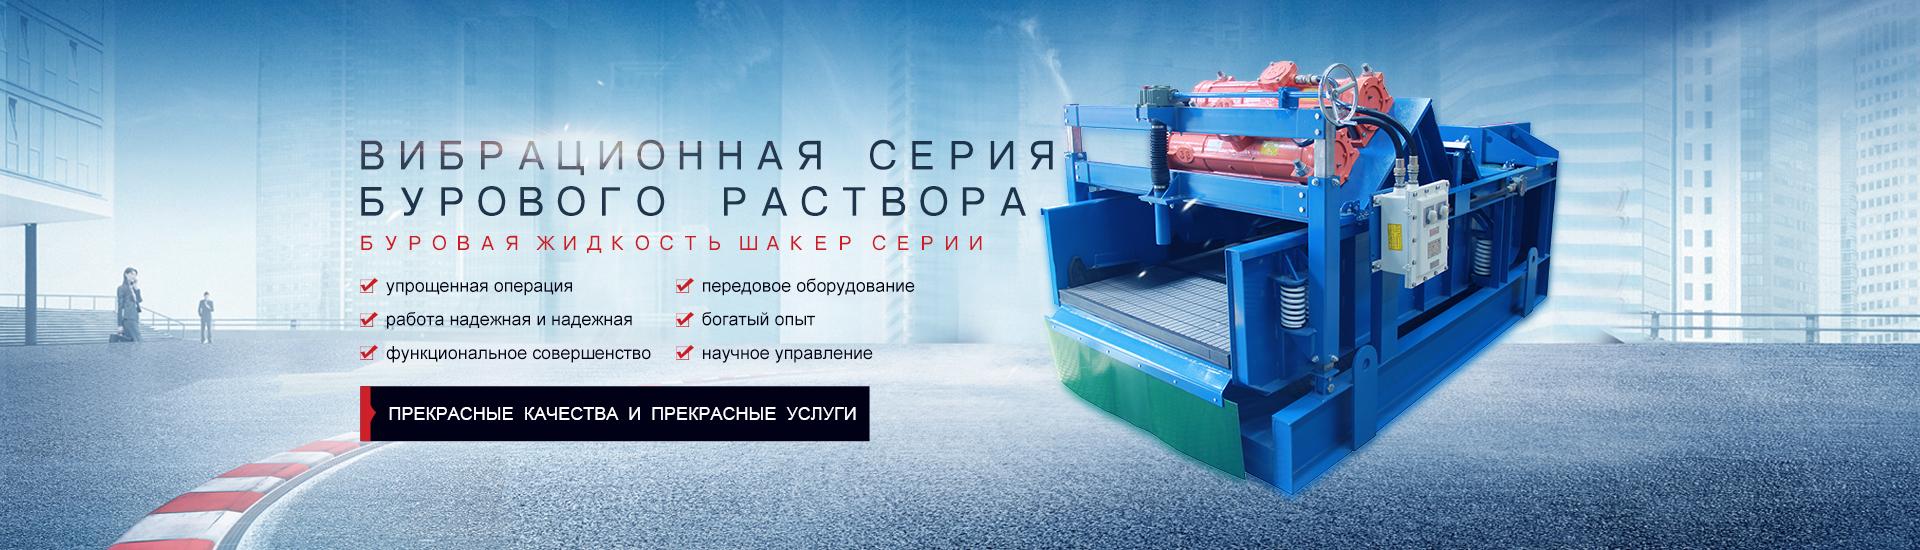 俄文焦点图2